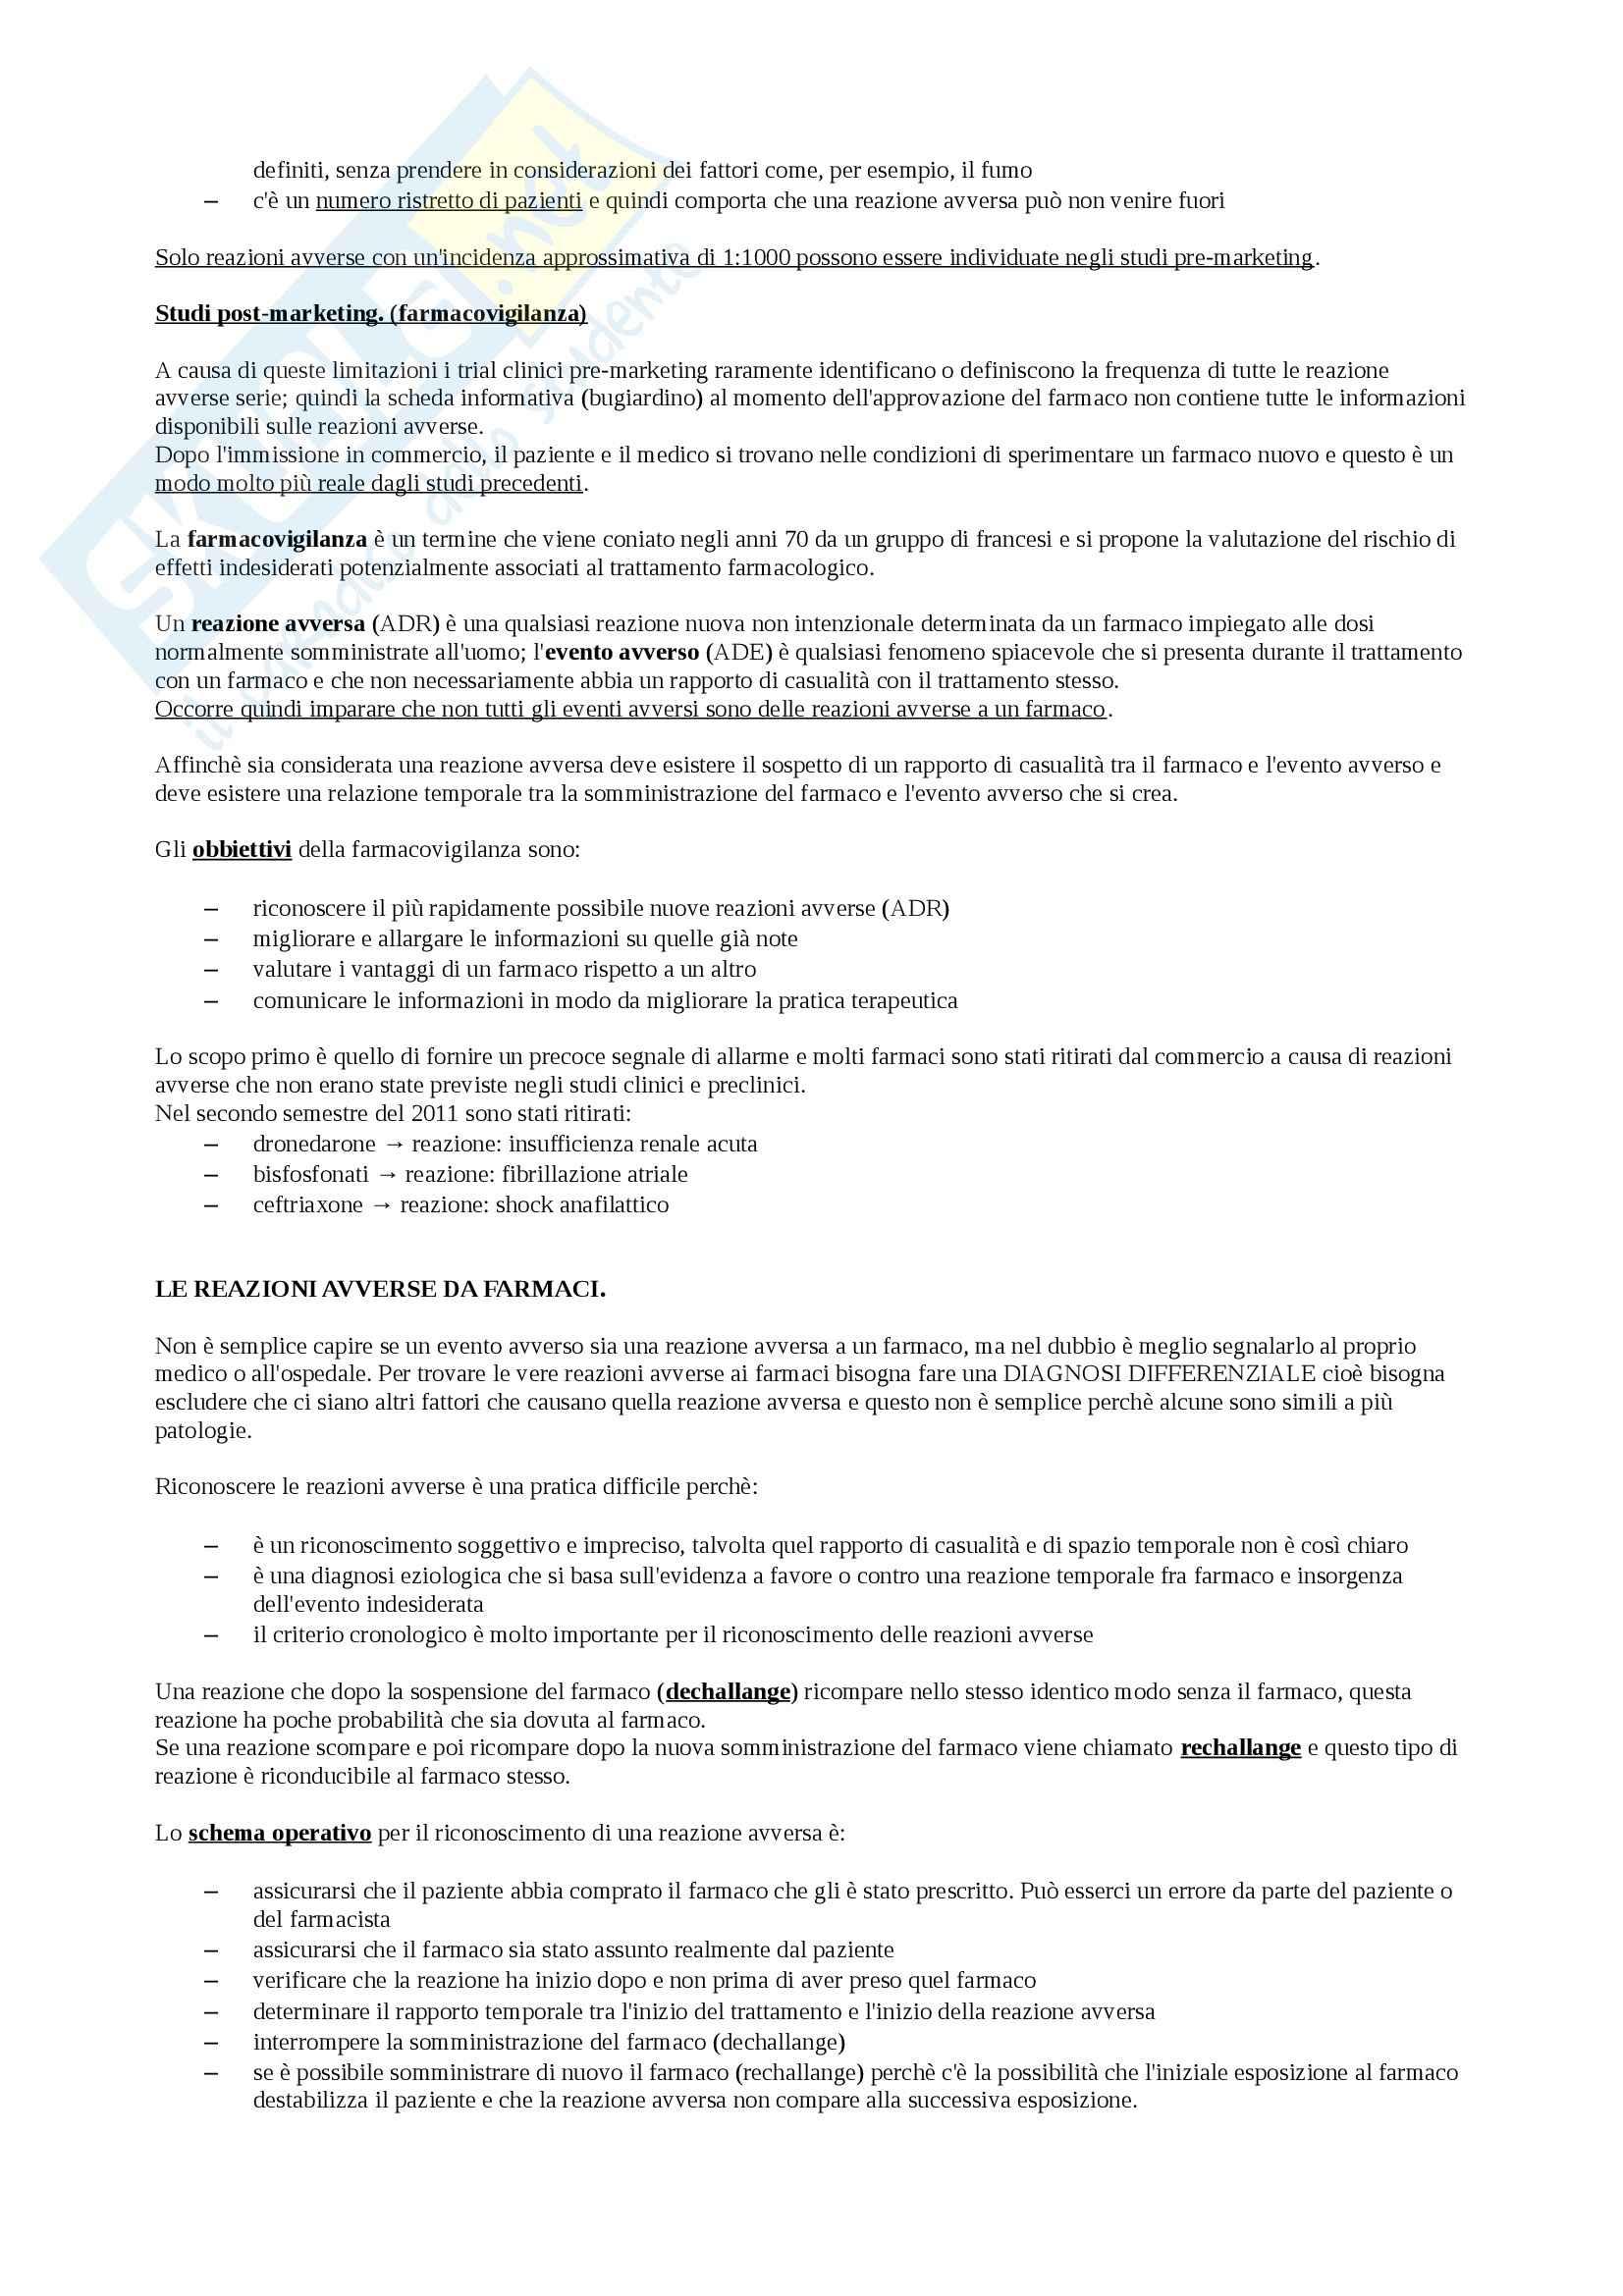 Farmacologia e farmacognosia - Appunti Pag. 6